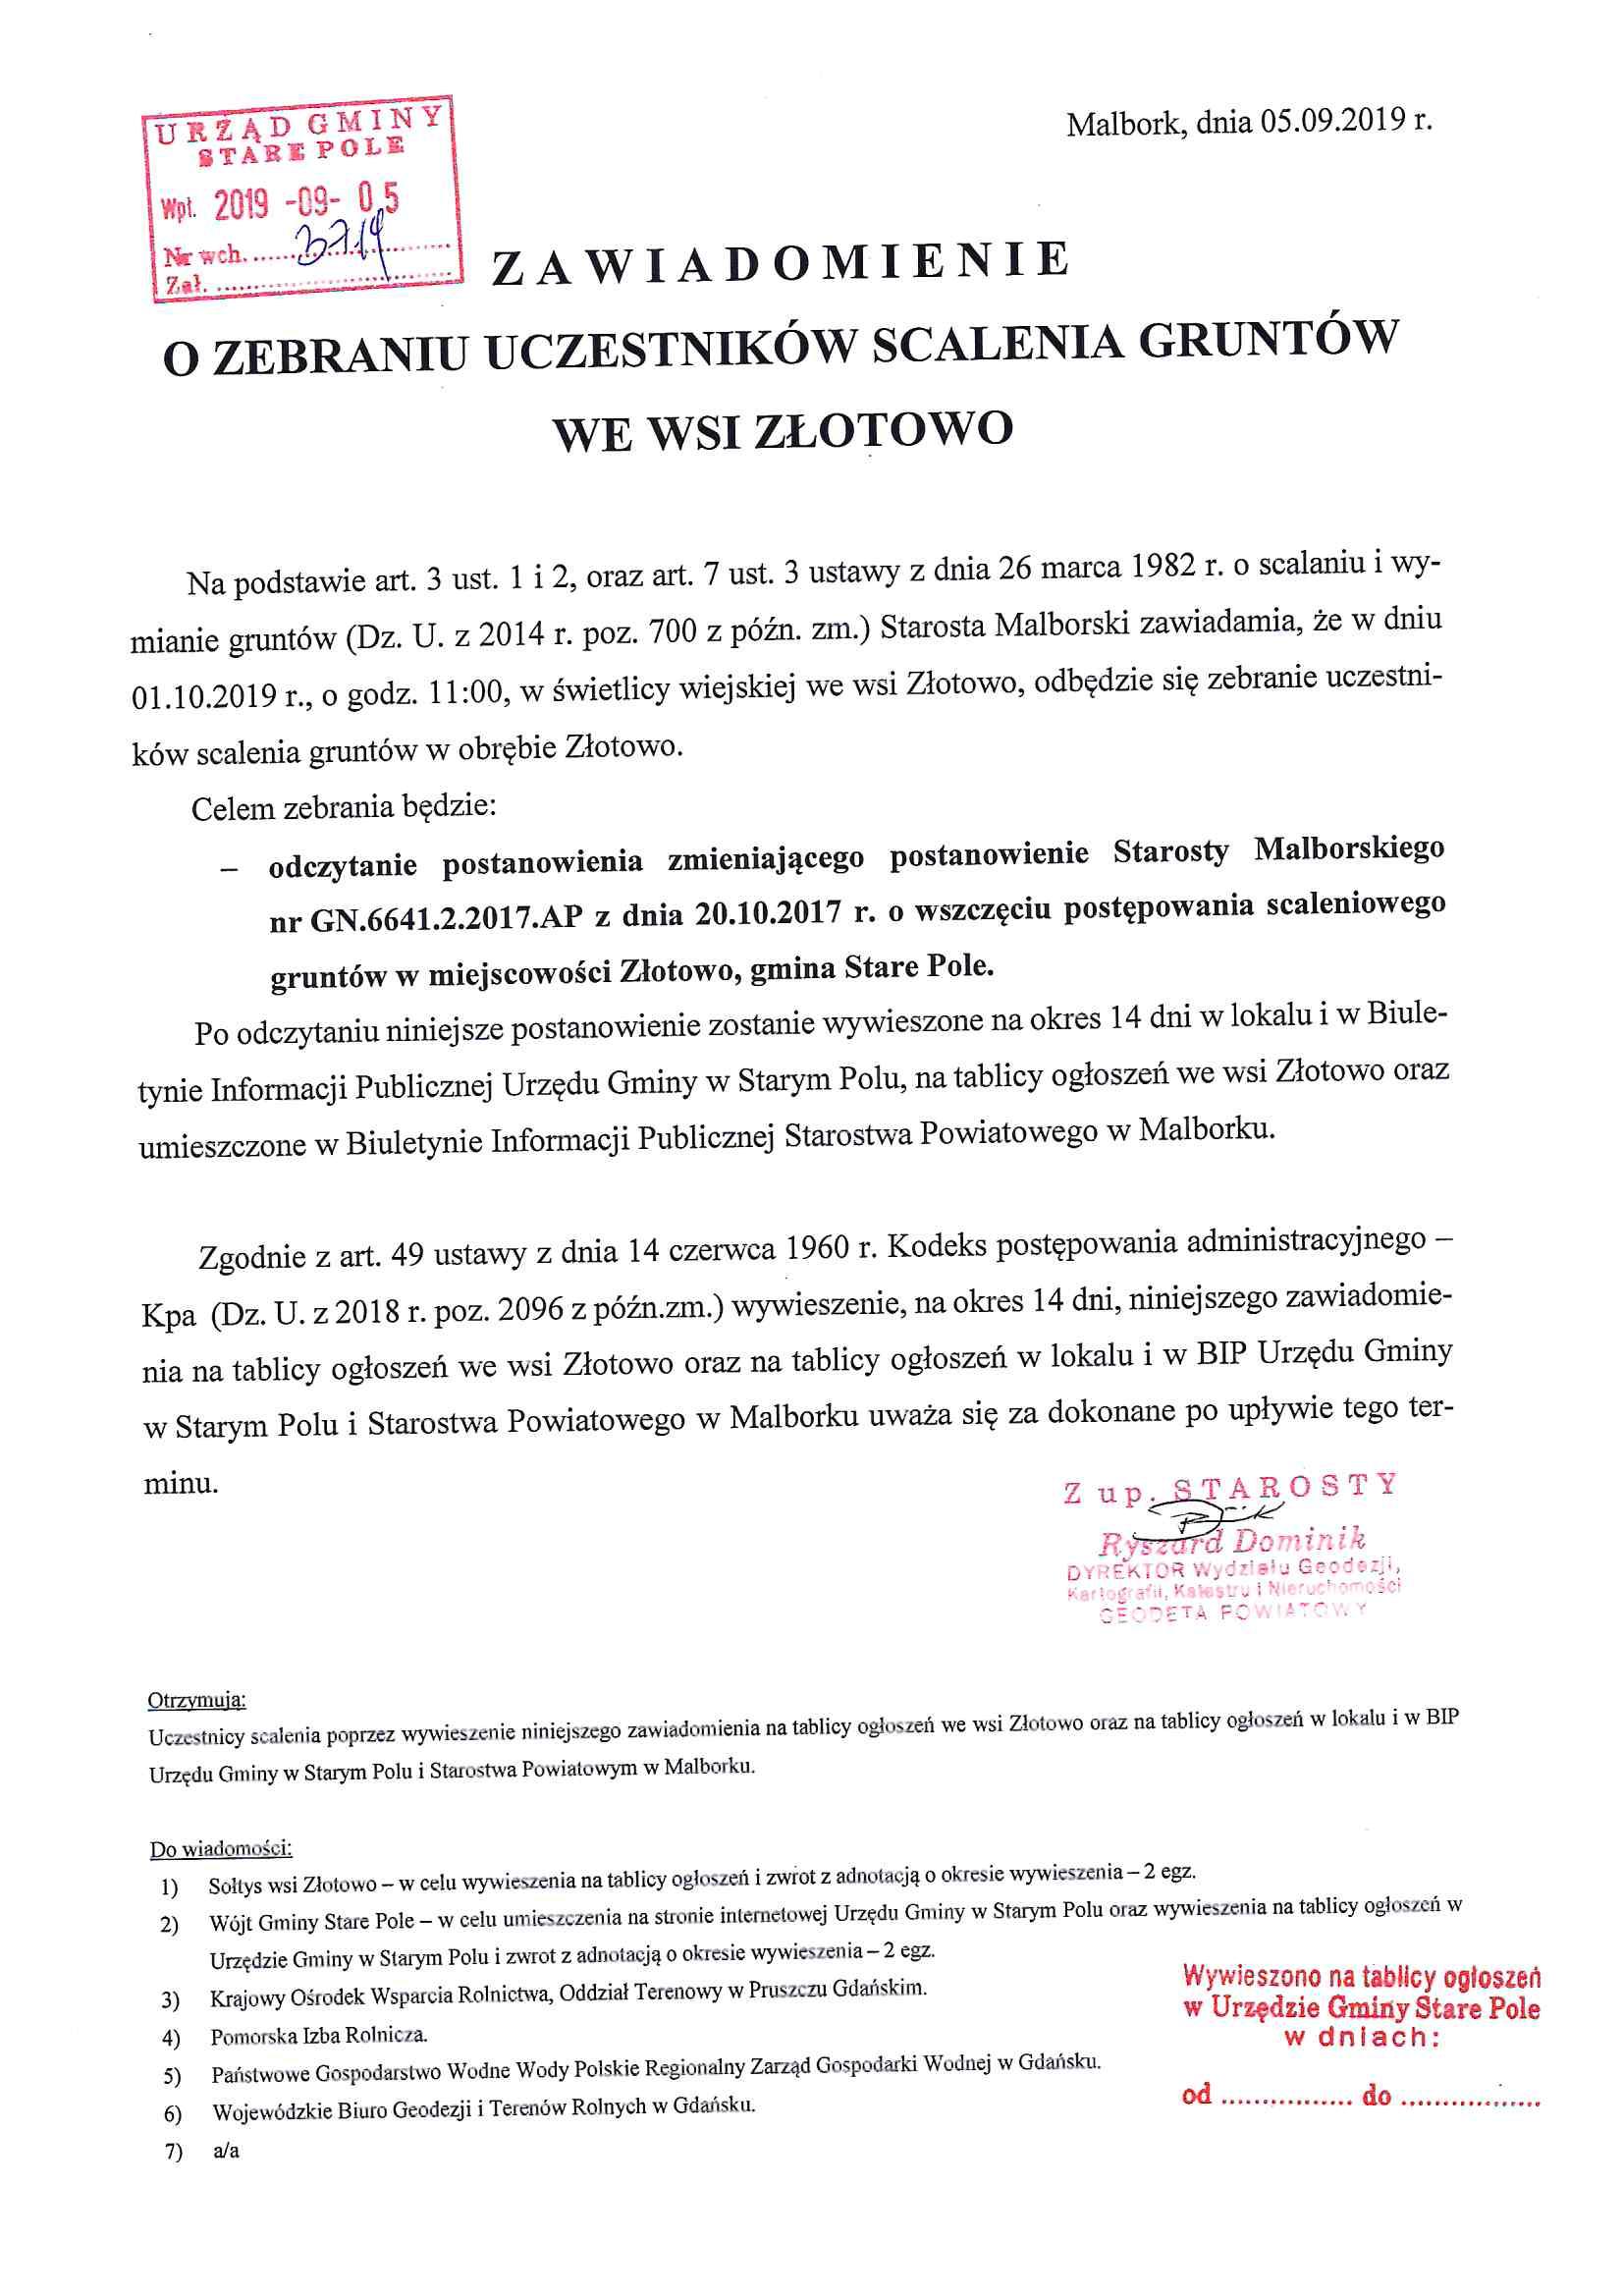 Zawiadomienie z dnia 5 września 2019 r. o zebraniu uczestników scalenia gruntów we wsi Złotowo